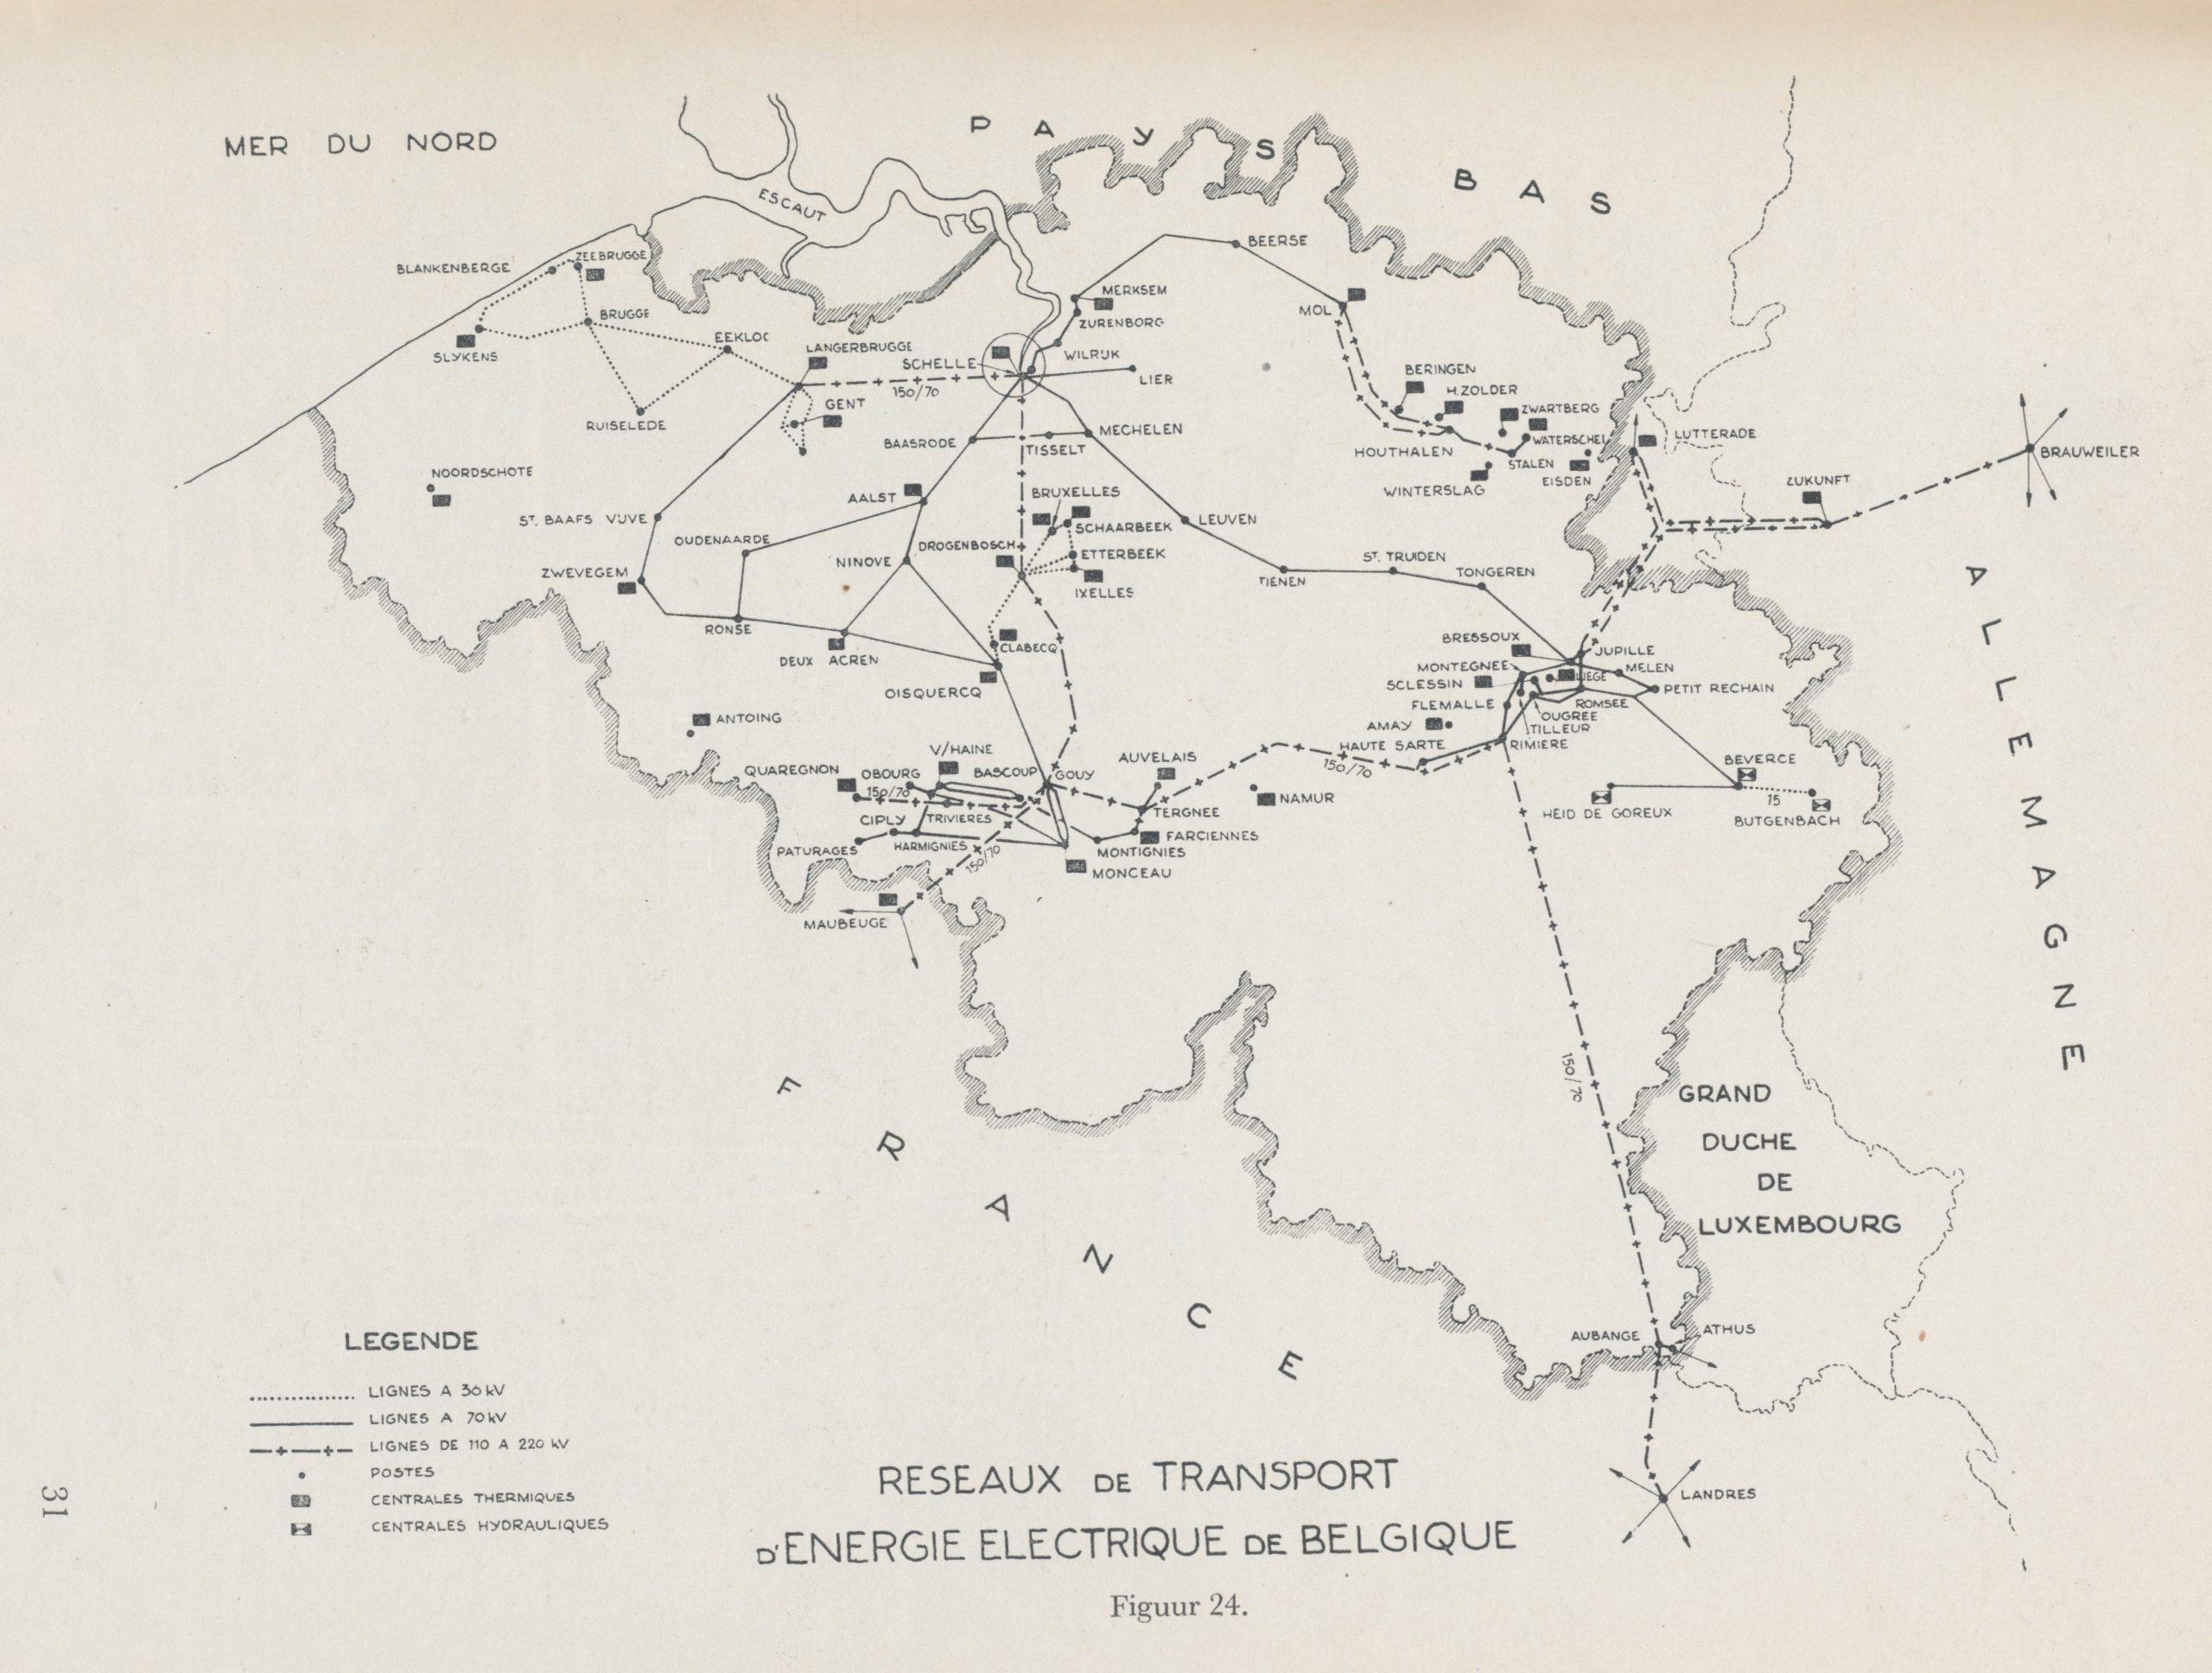 Netkaart van rond 1960